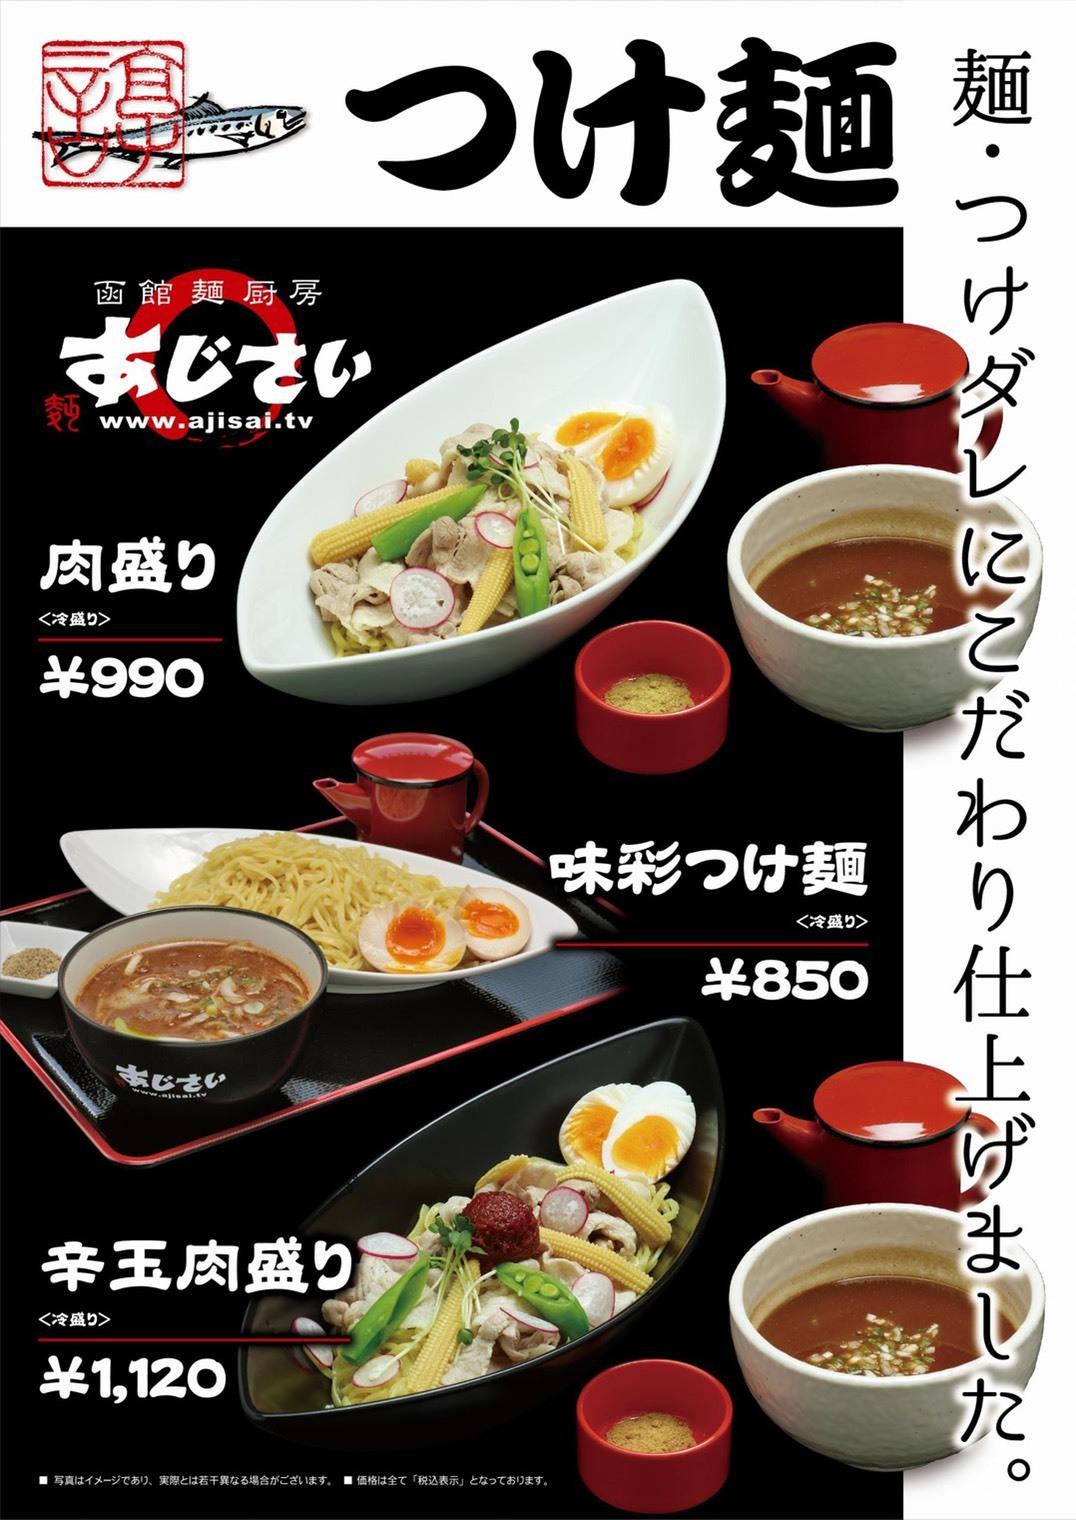 暑いし、つけ麺食べよっ!と思っているそこのあなた!!!_f0186373_16330276.jpg